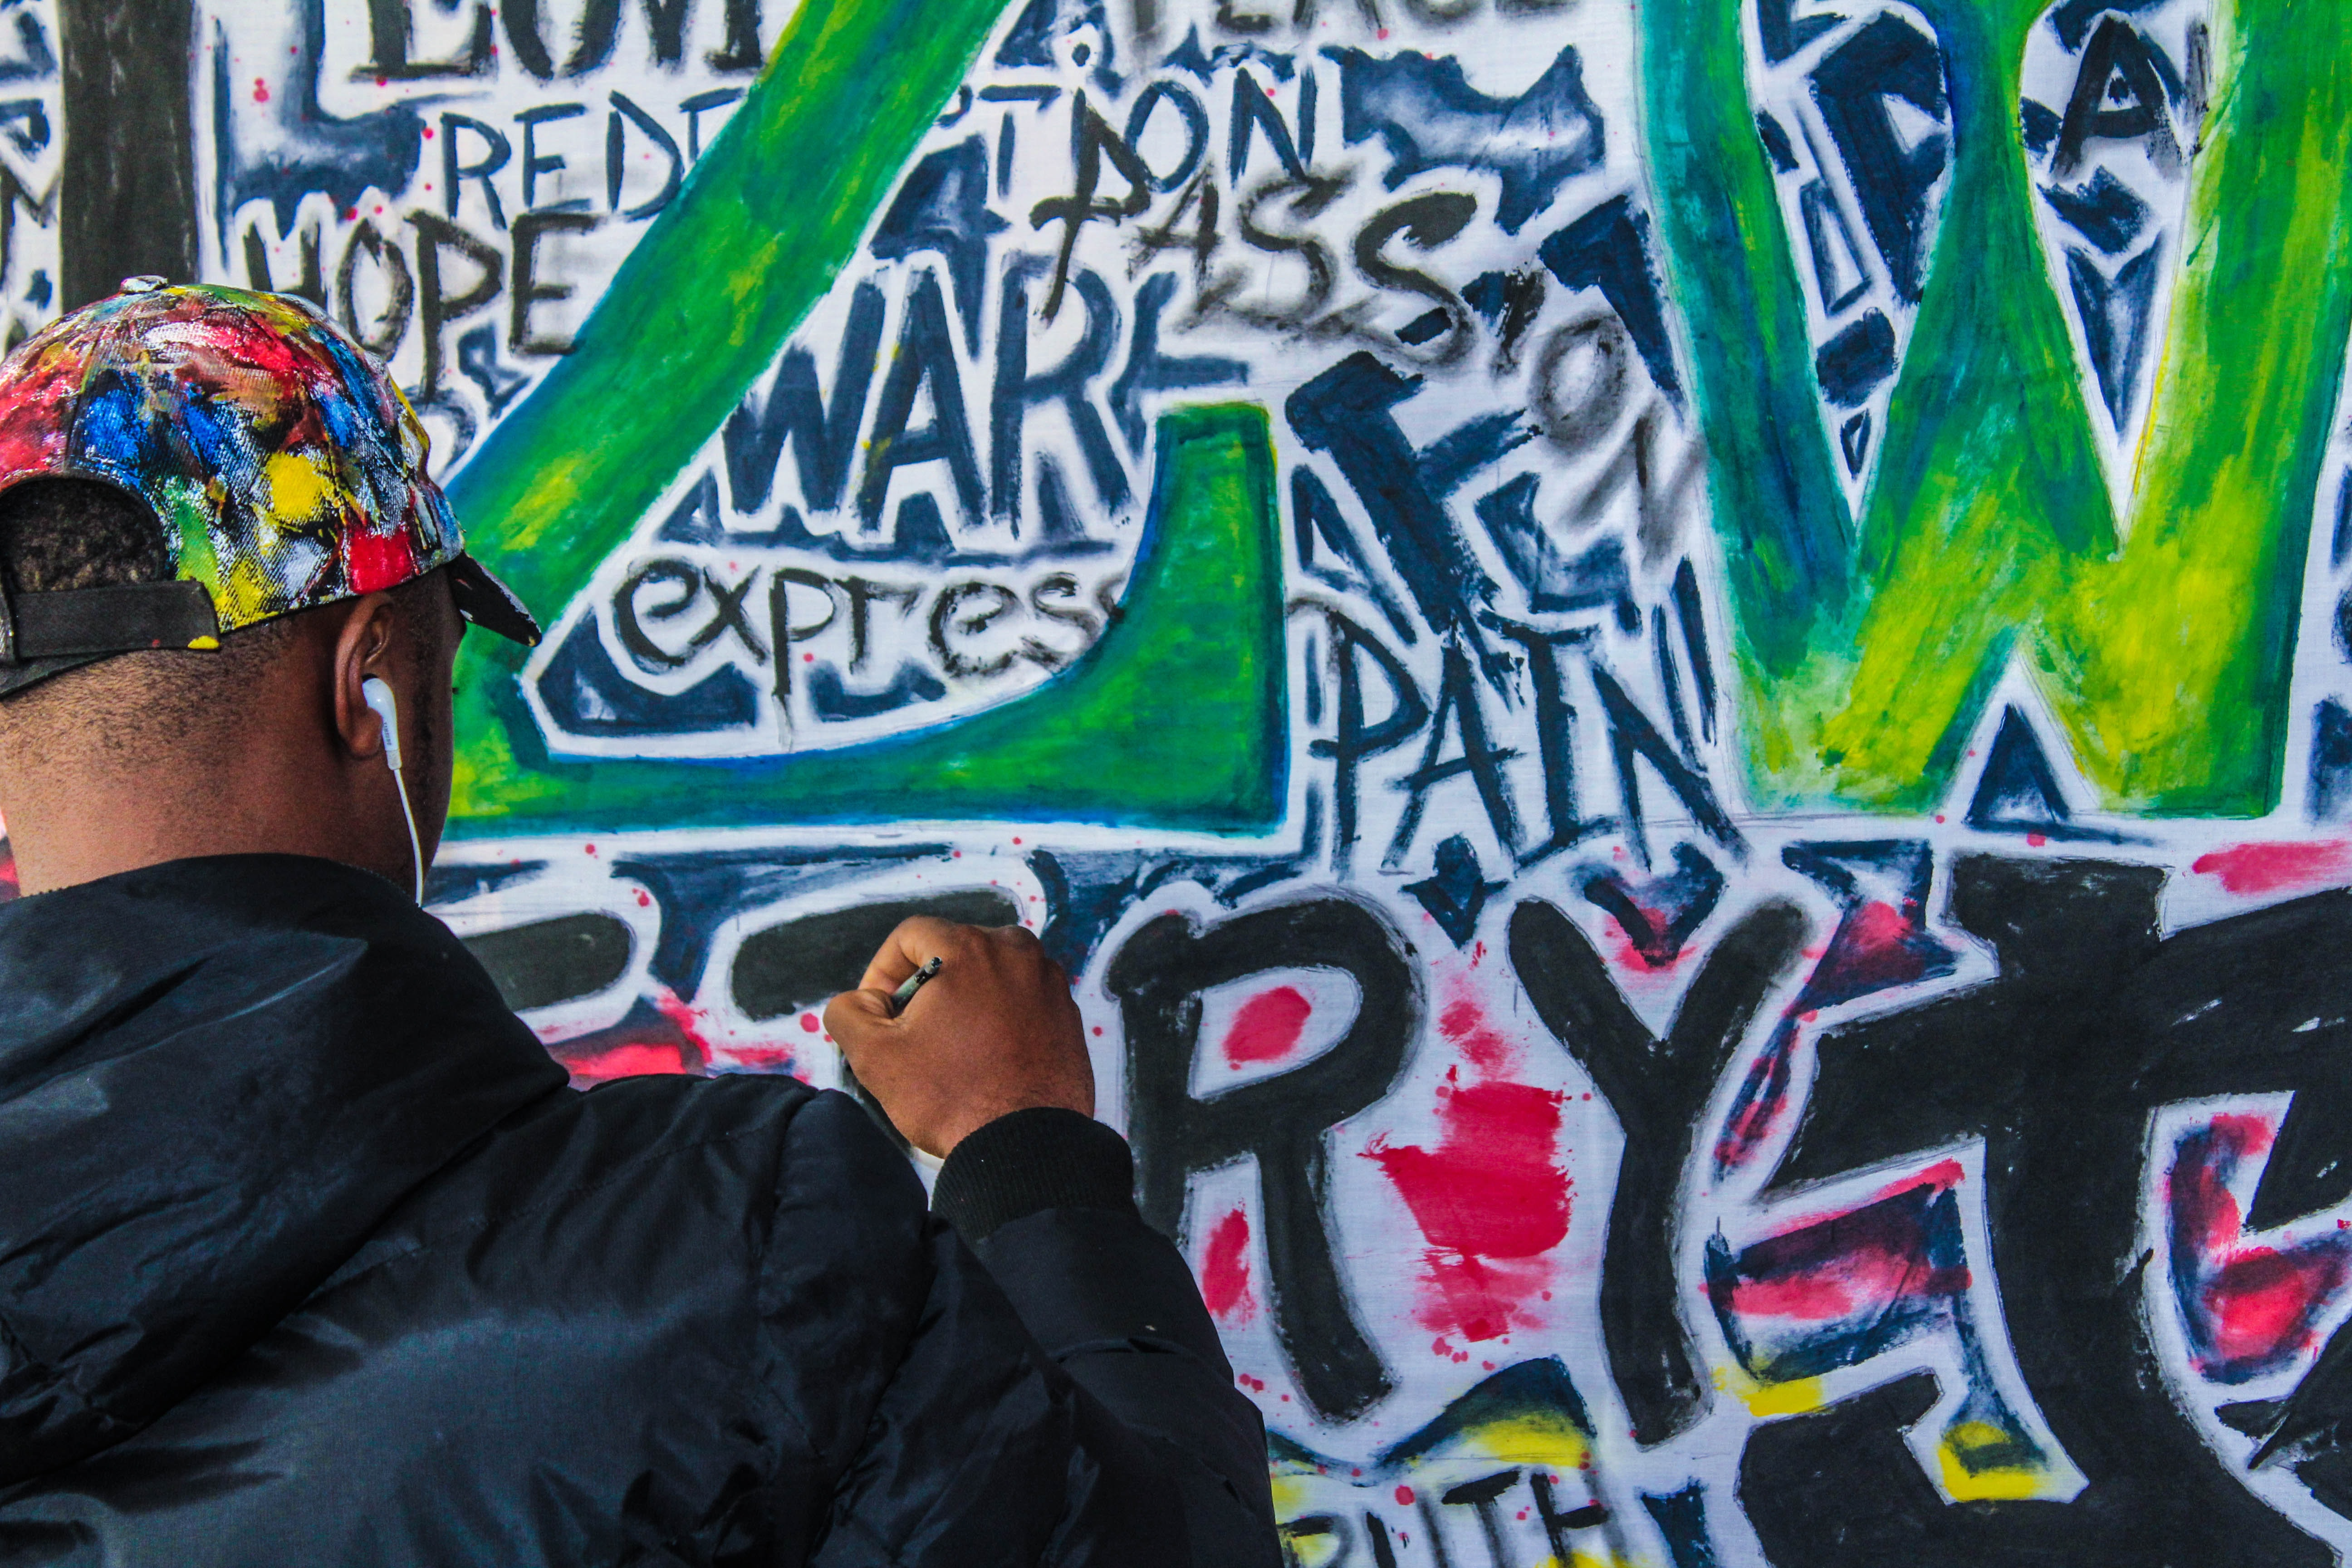 man wearing black jacket painting graffiti